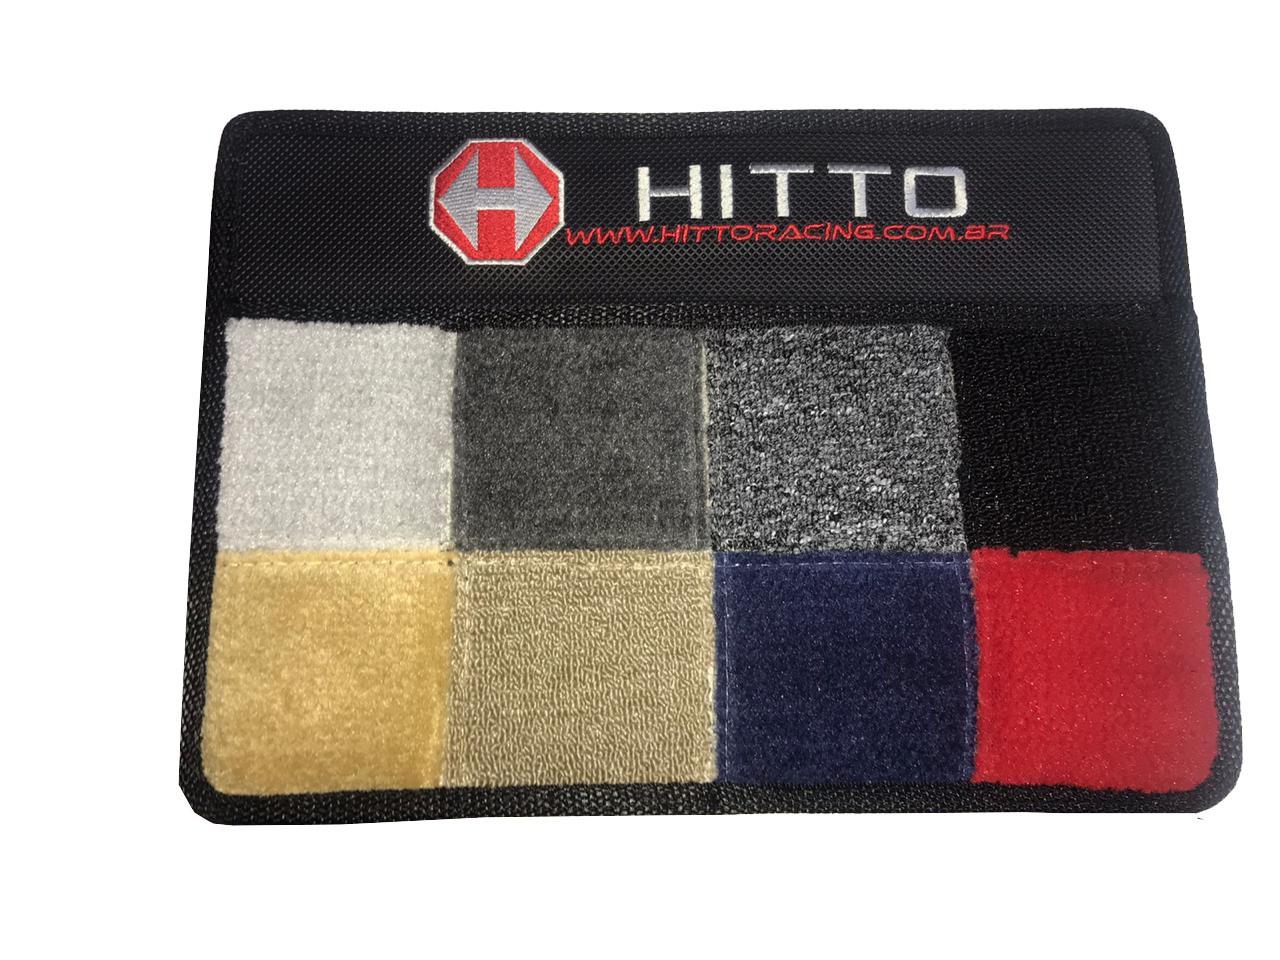 Tapete Volvo S60 Carpete Premium  Base Pinada Hitto